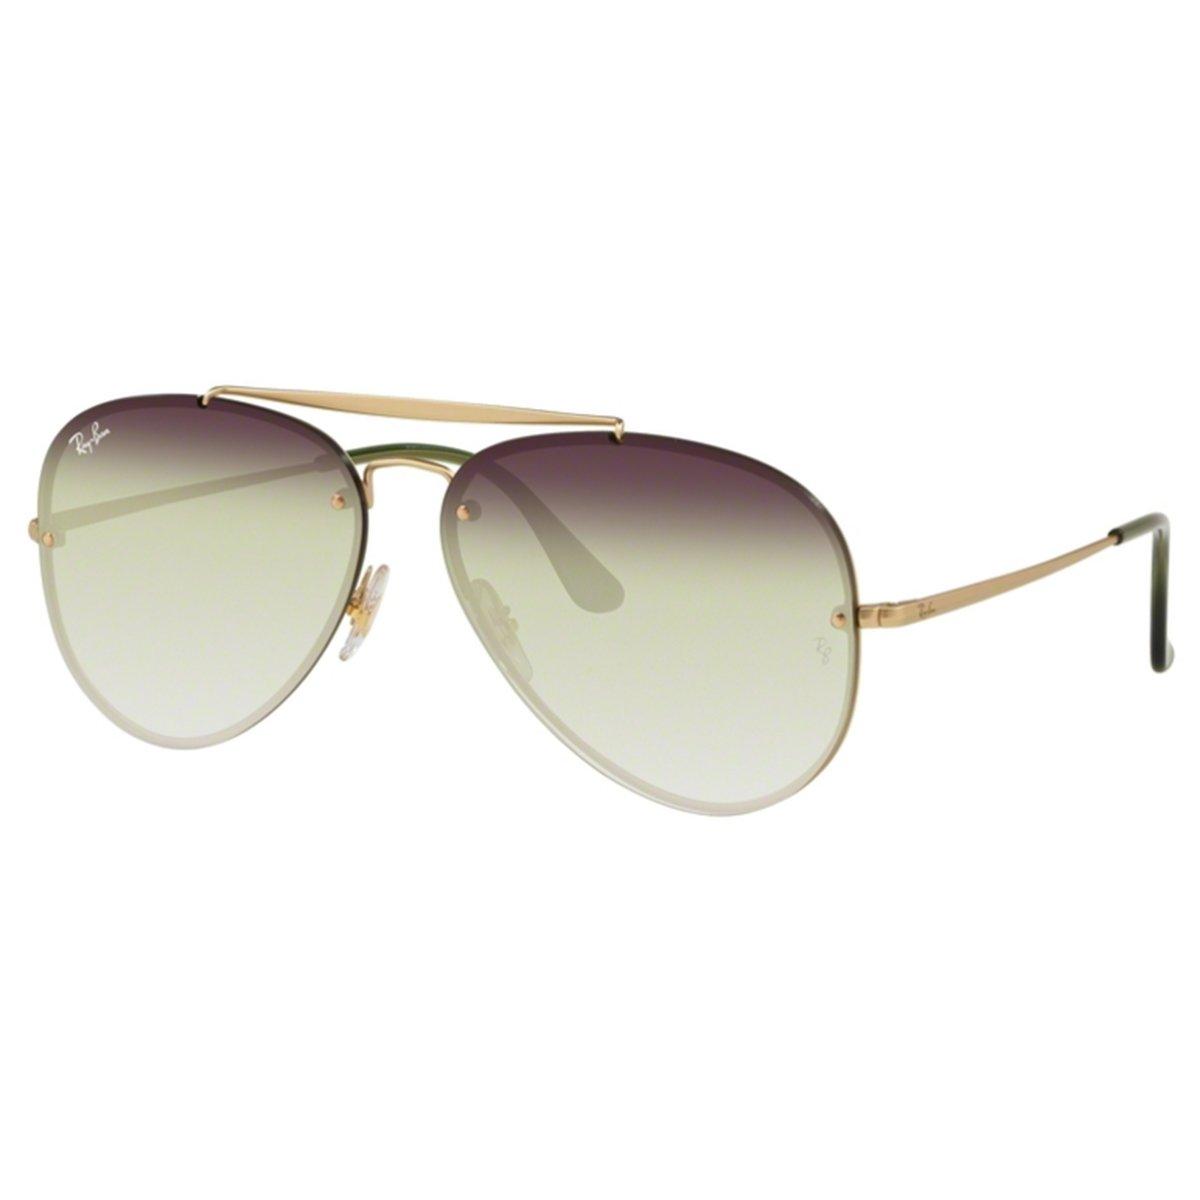 82b9b66afd639 Compre Óculos de Sol Ray Ban Blaze Aviator em 10X   Tri-Jóia Shop